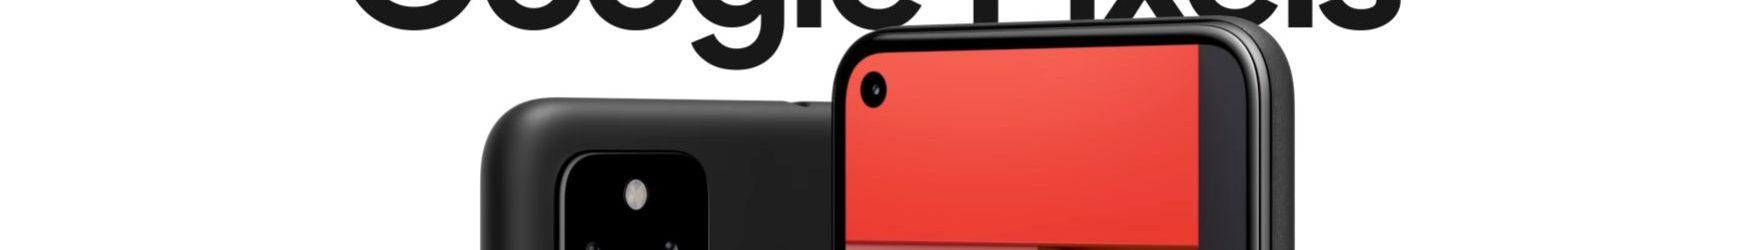 Pixel 5 e Pixel 4a 5G ufficiali: i primi smartphone 5G di Google